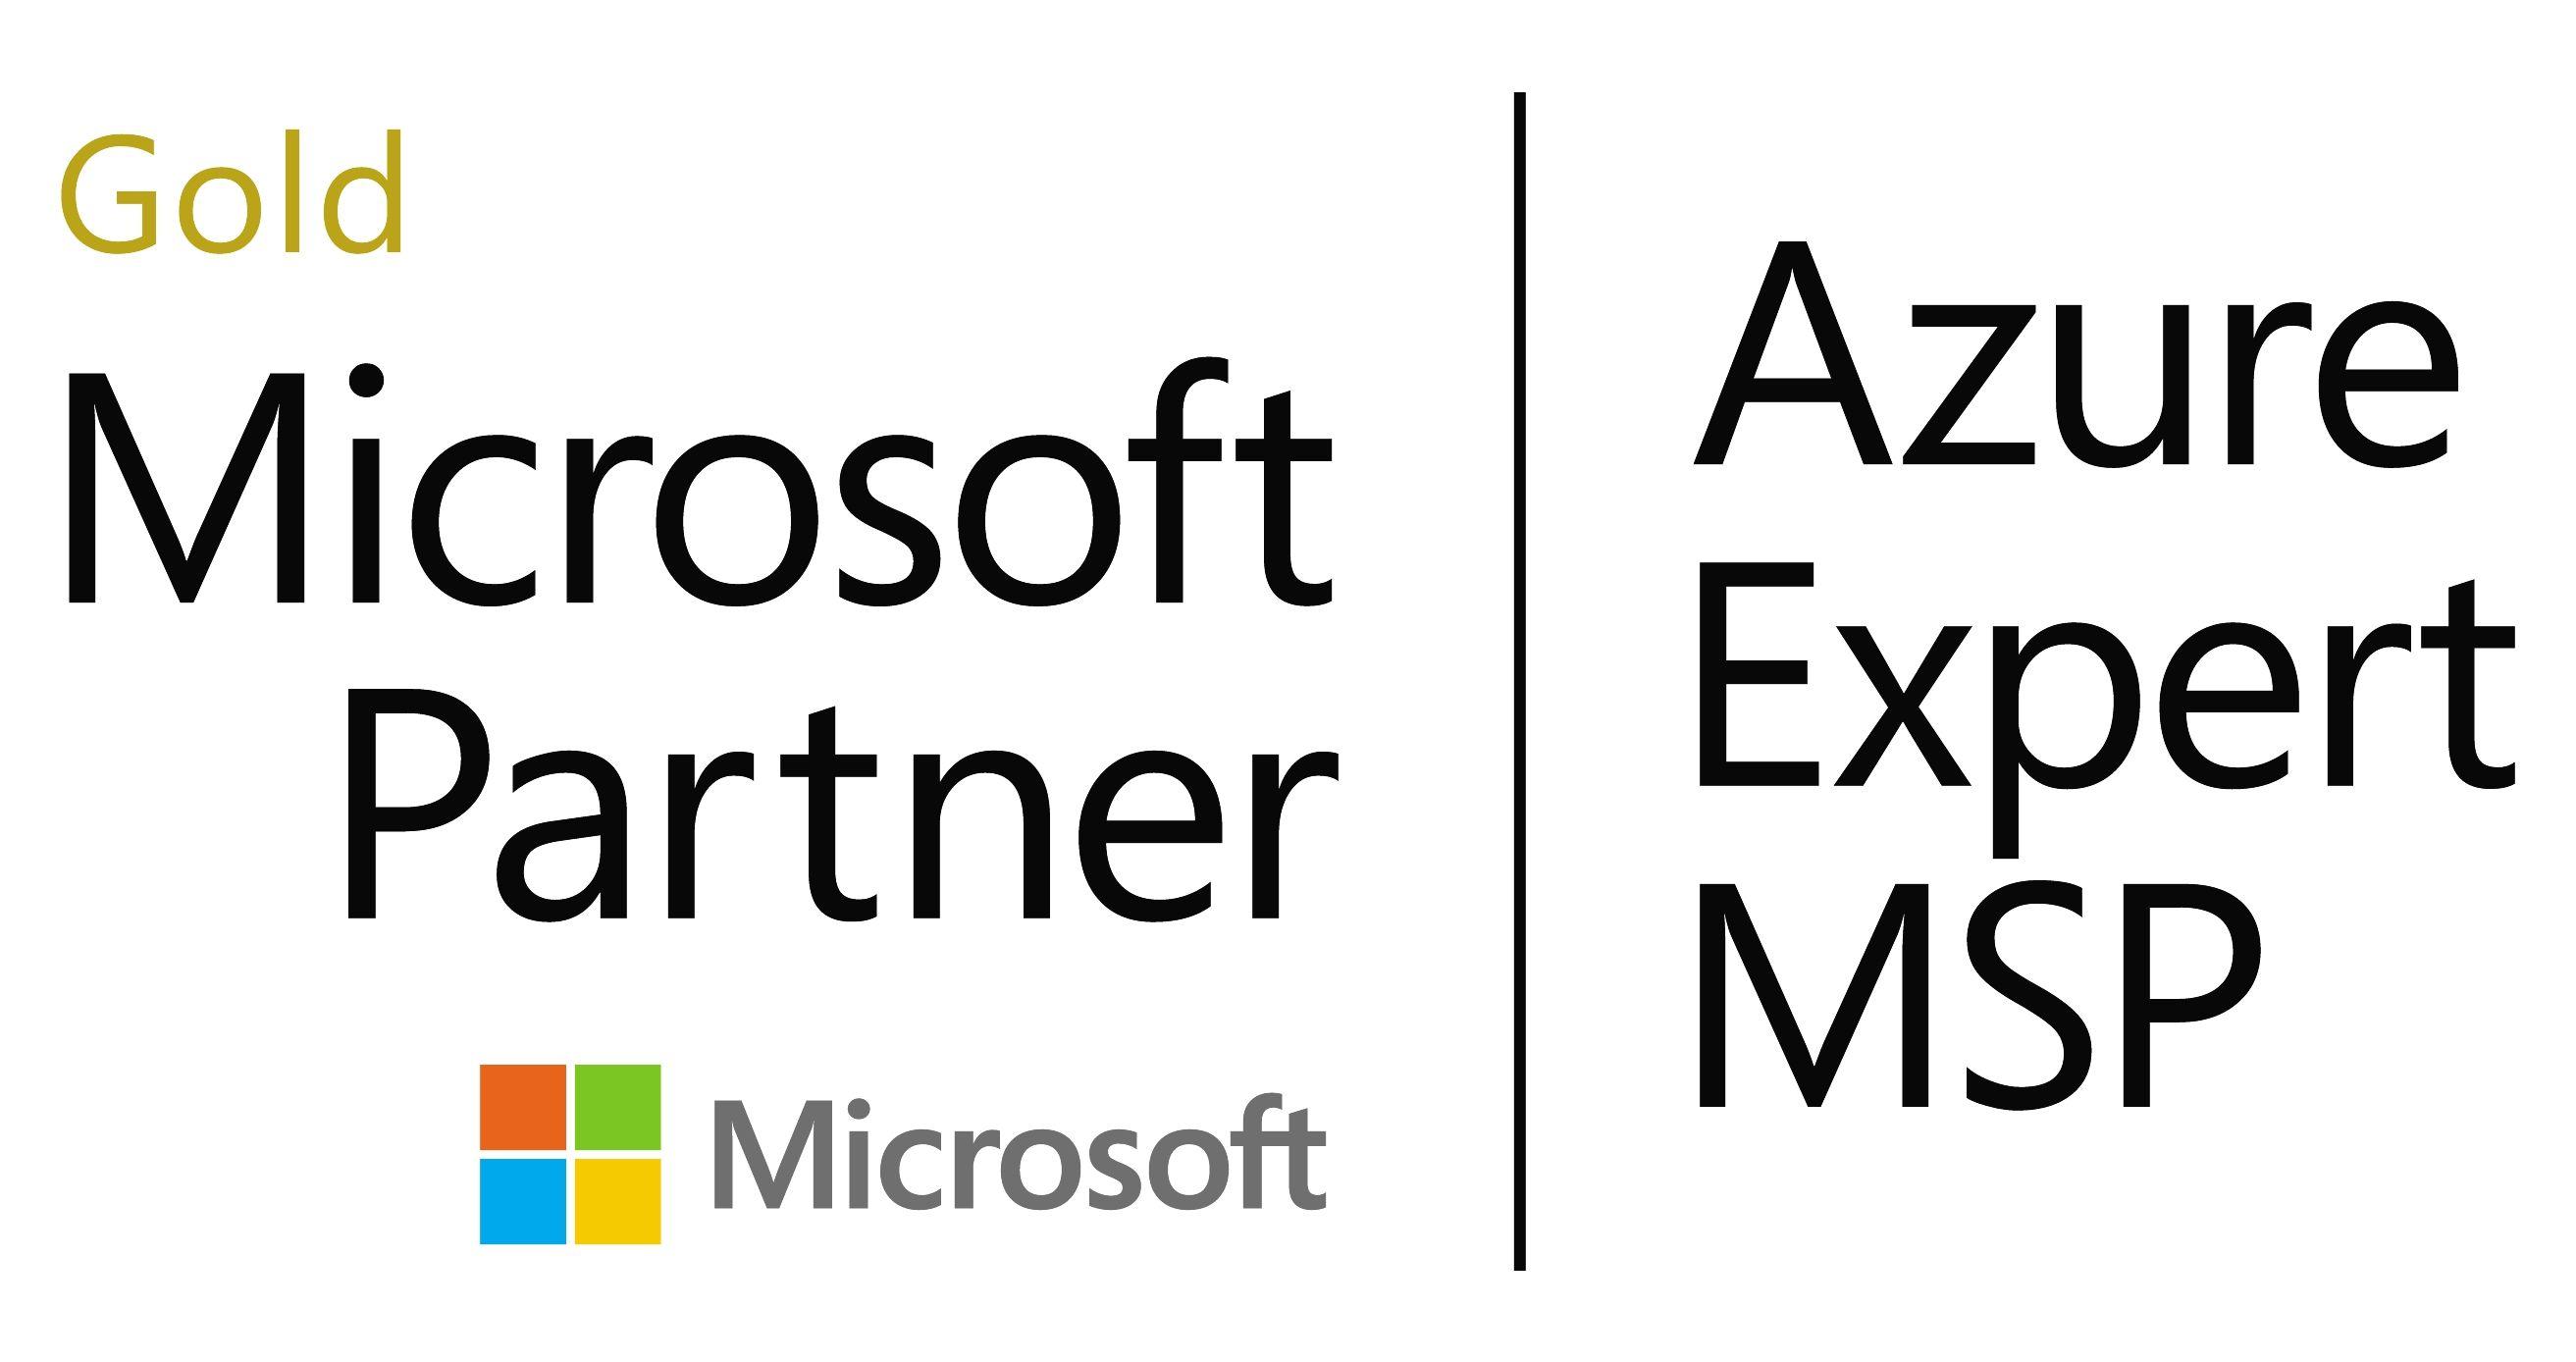 Insight es reconocida por Microsoft como Azure Expert Managed Service Provider (MSP)